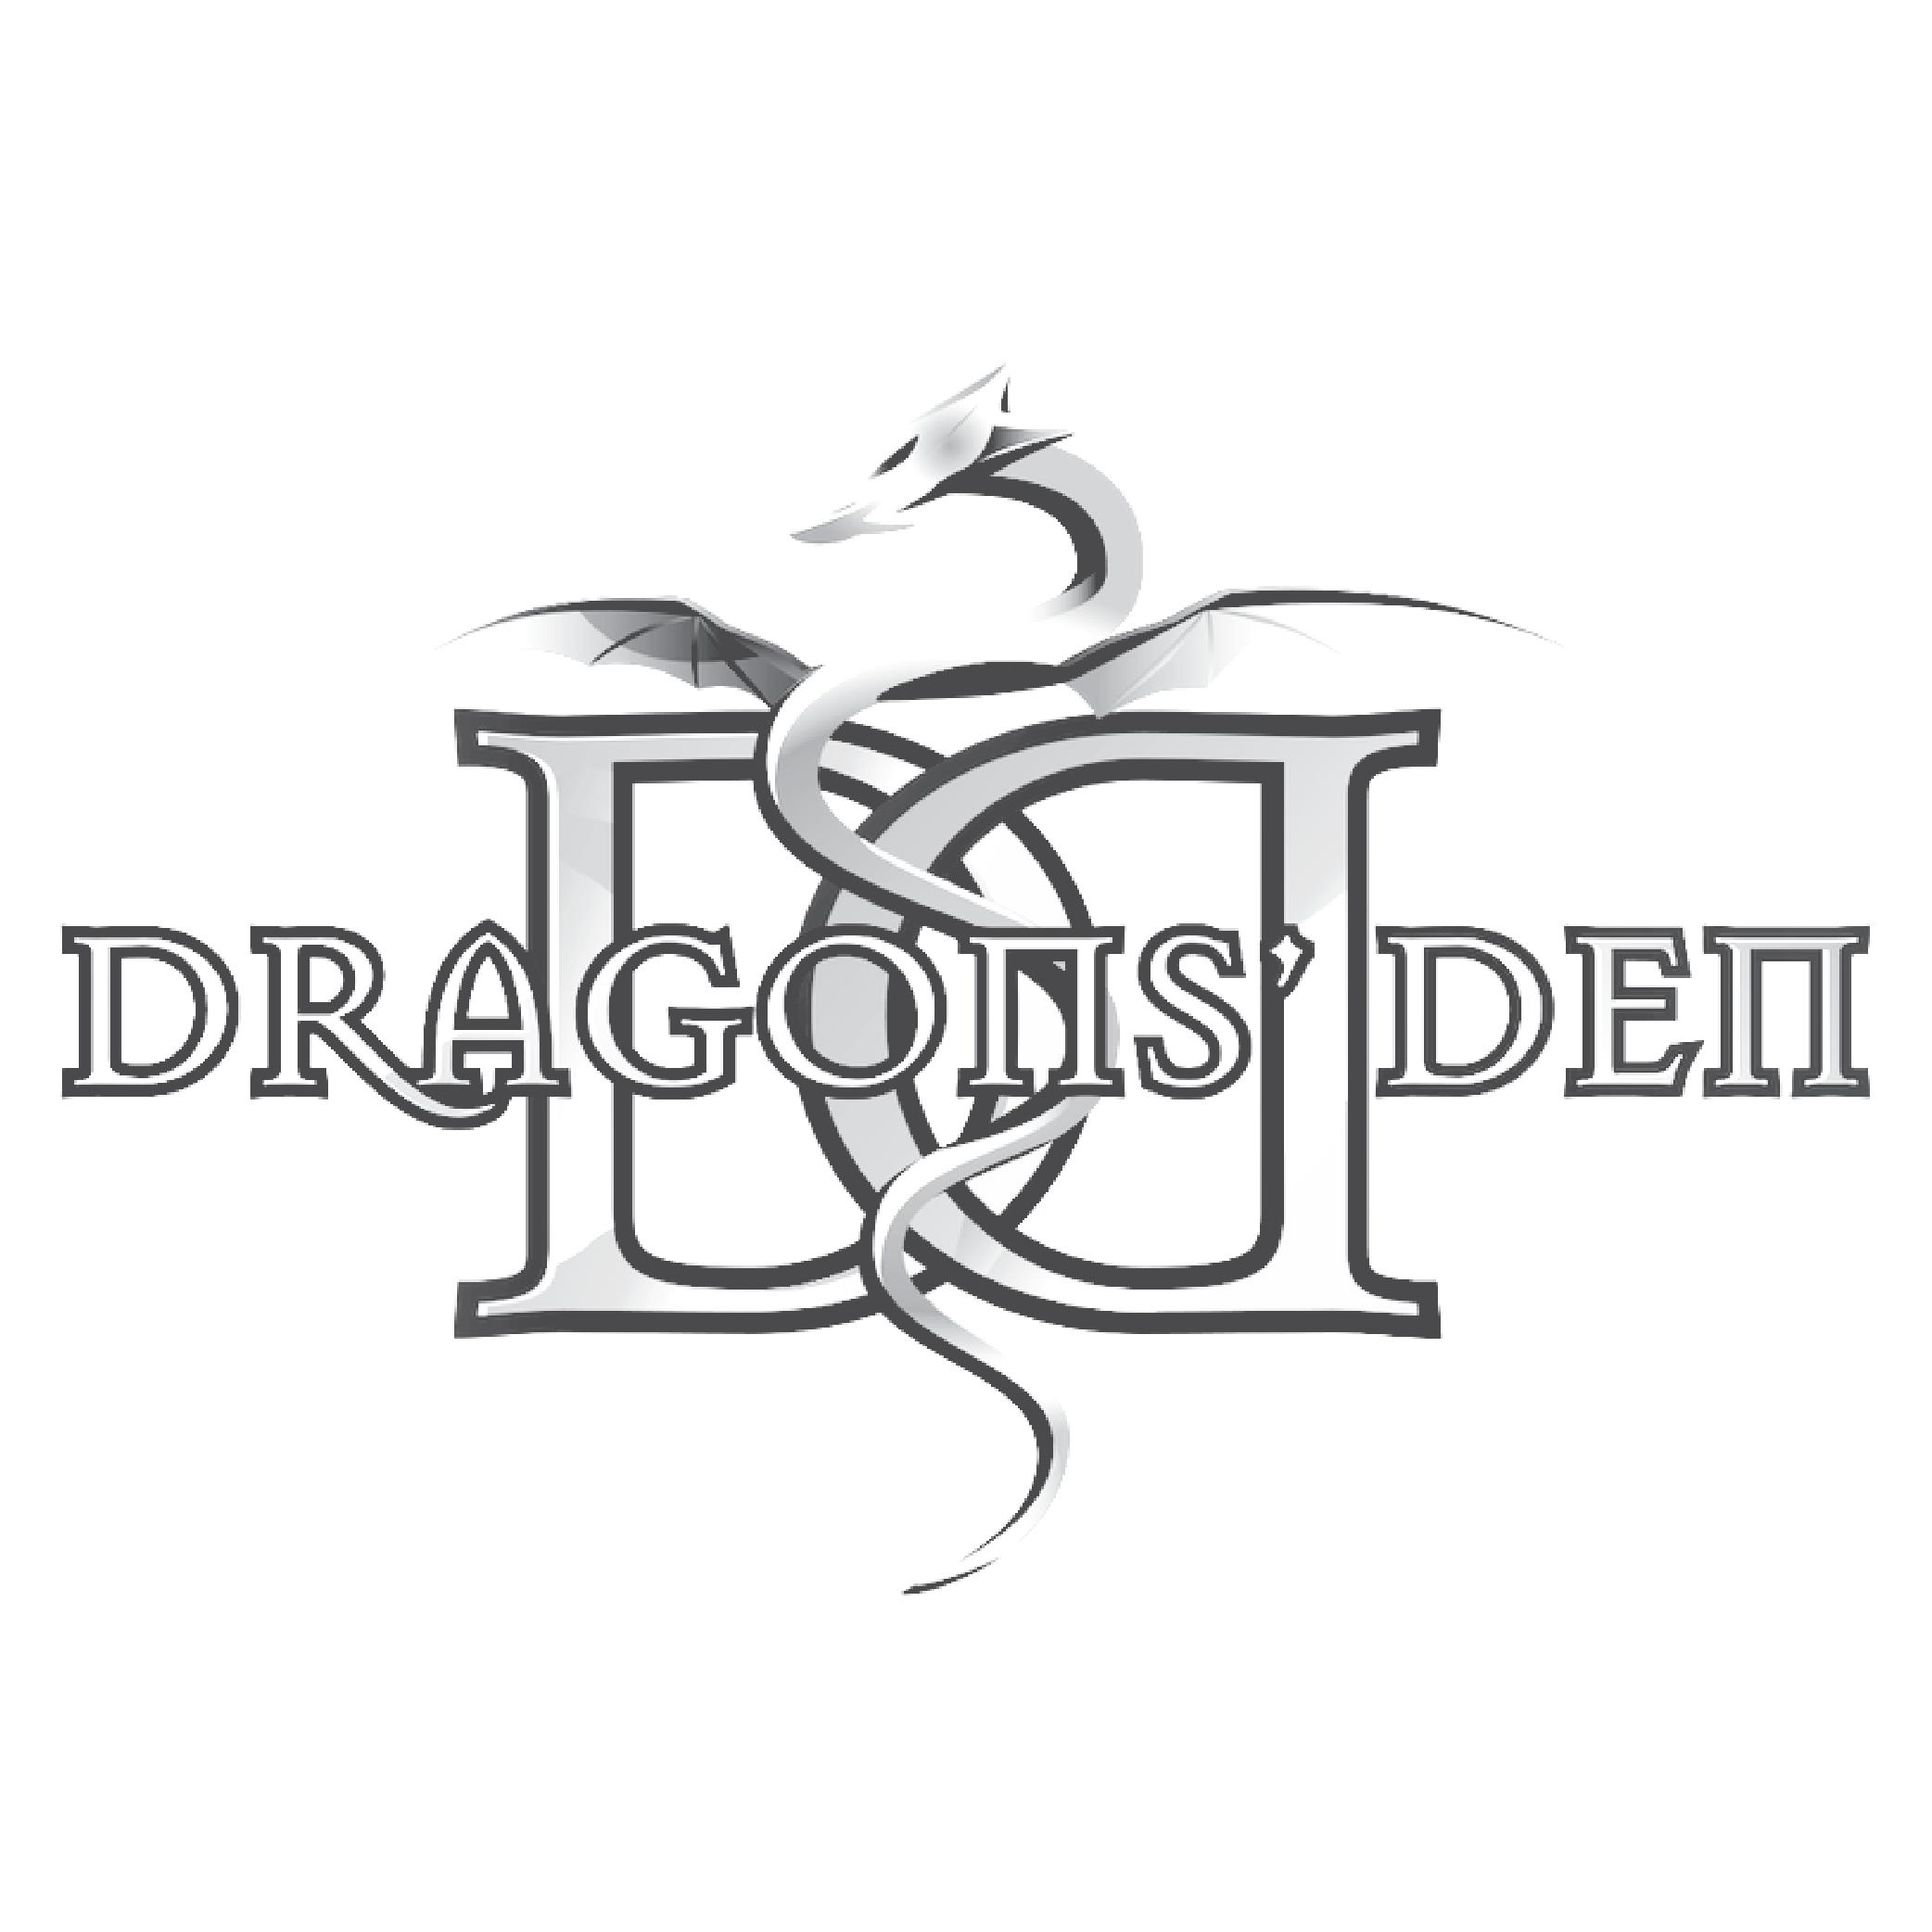 as seen on dragons den logo